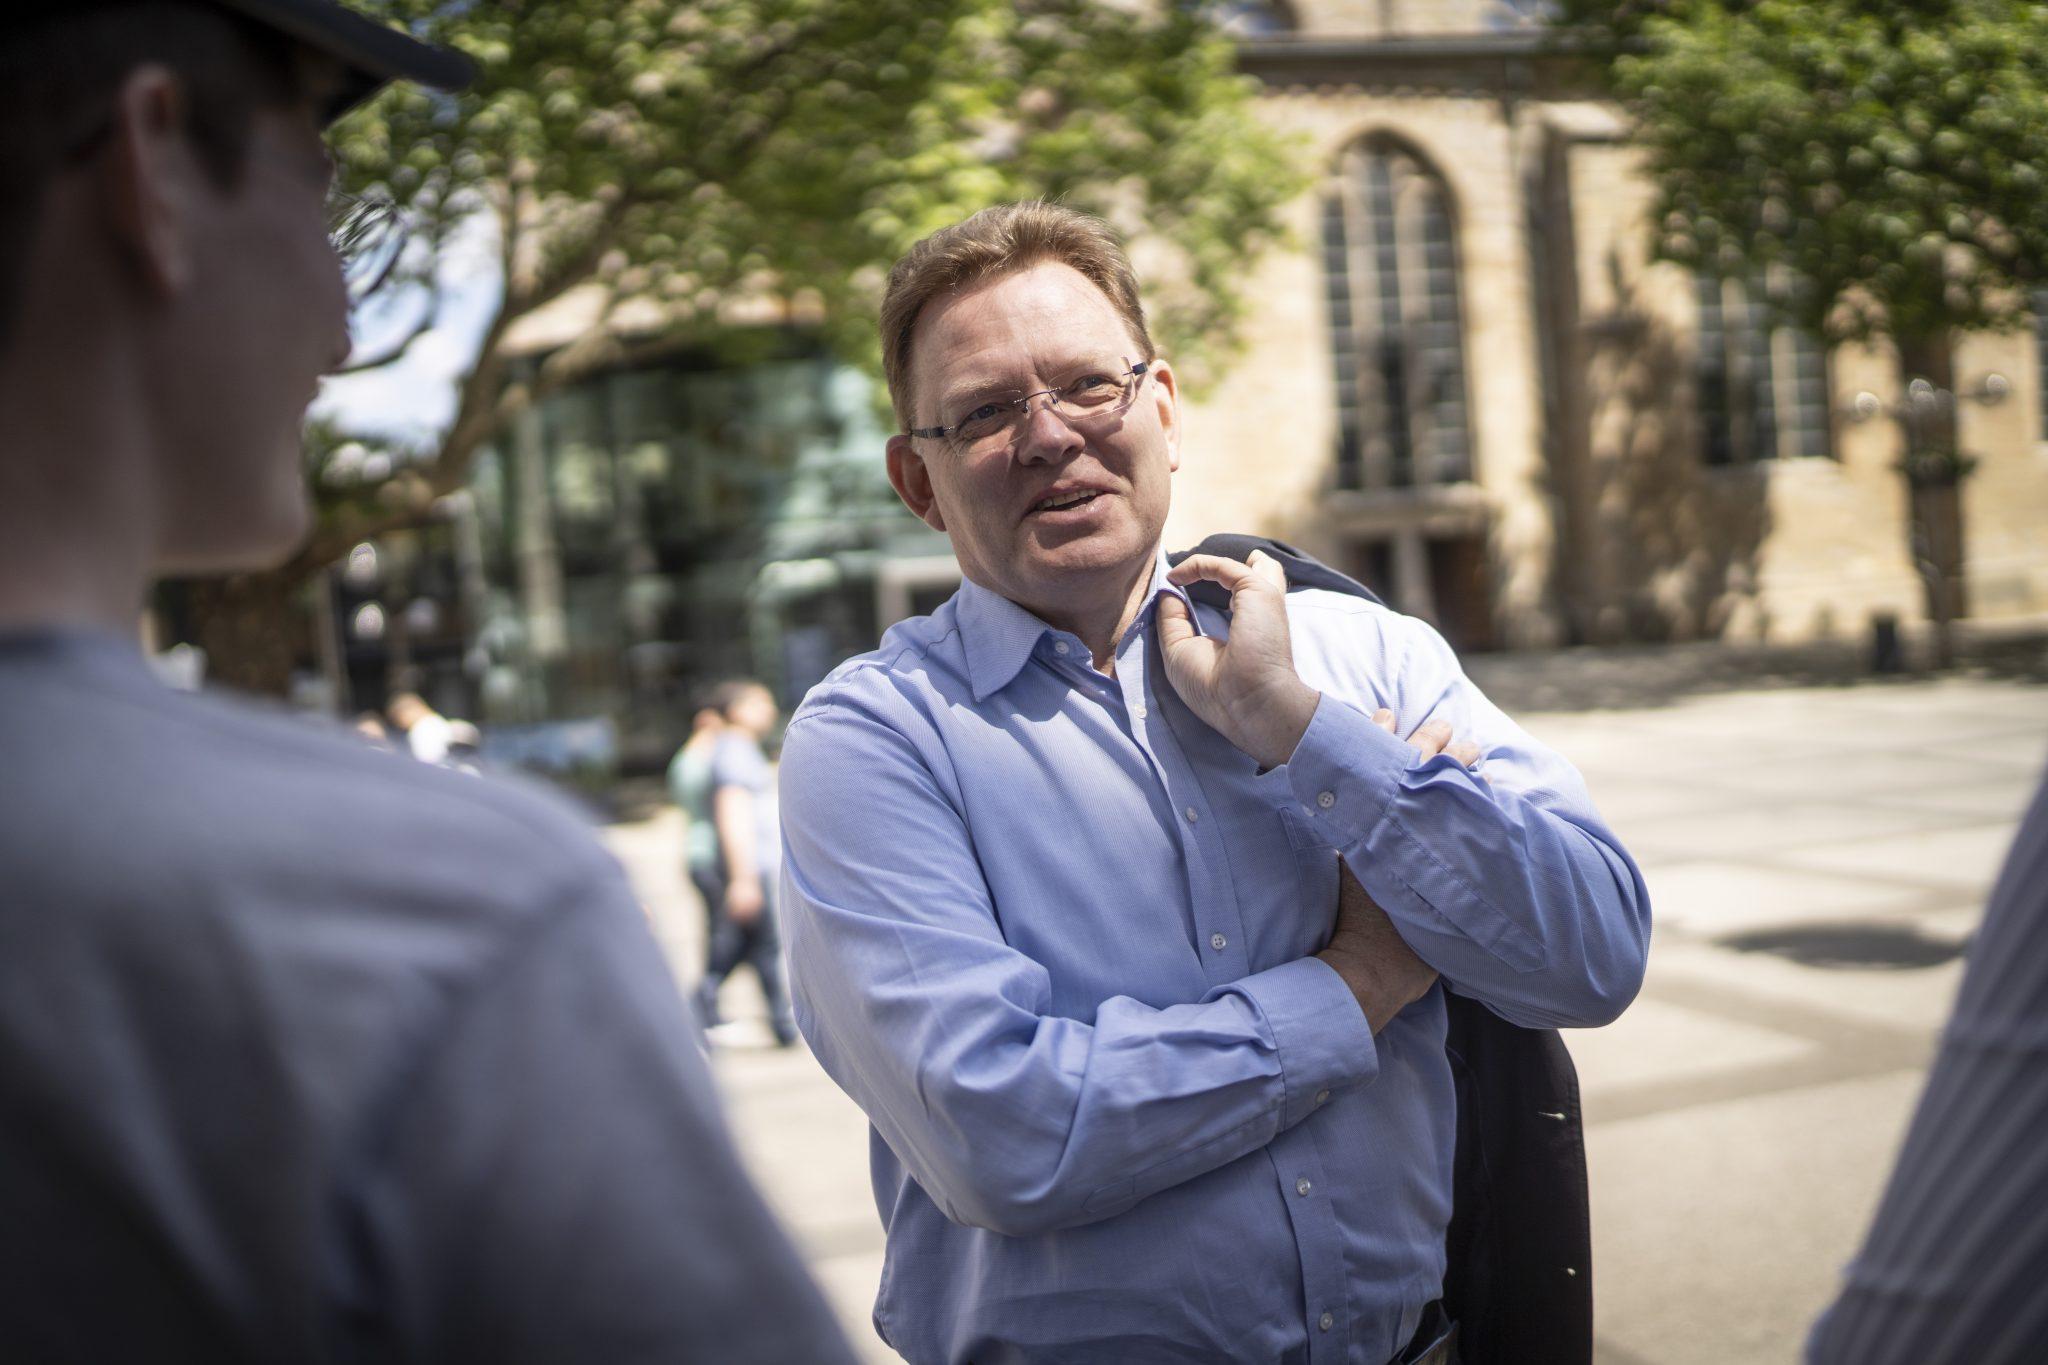 Andreas Hollstein wurde 1963 in Altena geboren und war zwischen 1999 und 2020 Bürgermeister der Kleinstadt in Westfalen. Foto: Dominik Butzmann